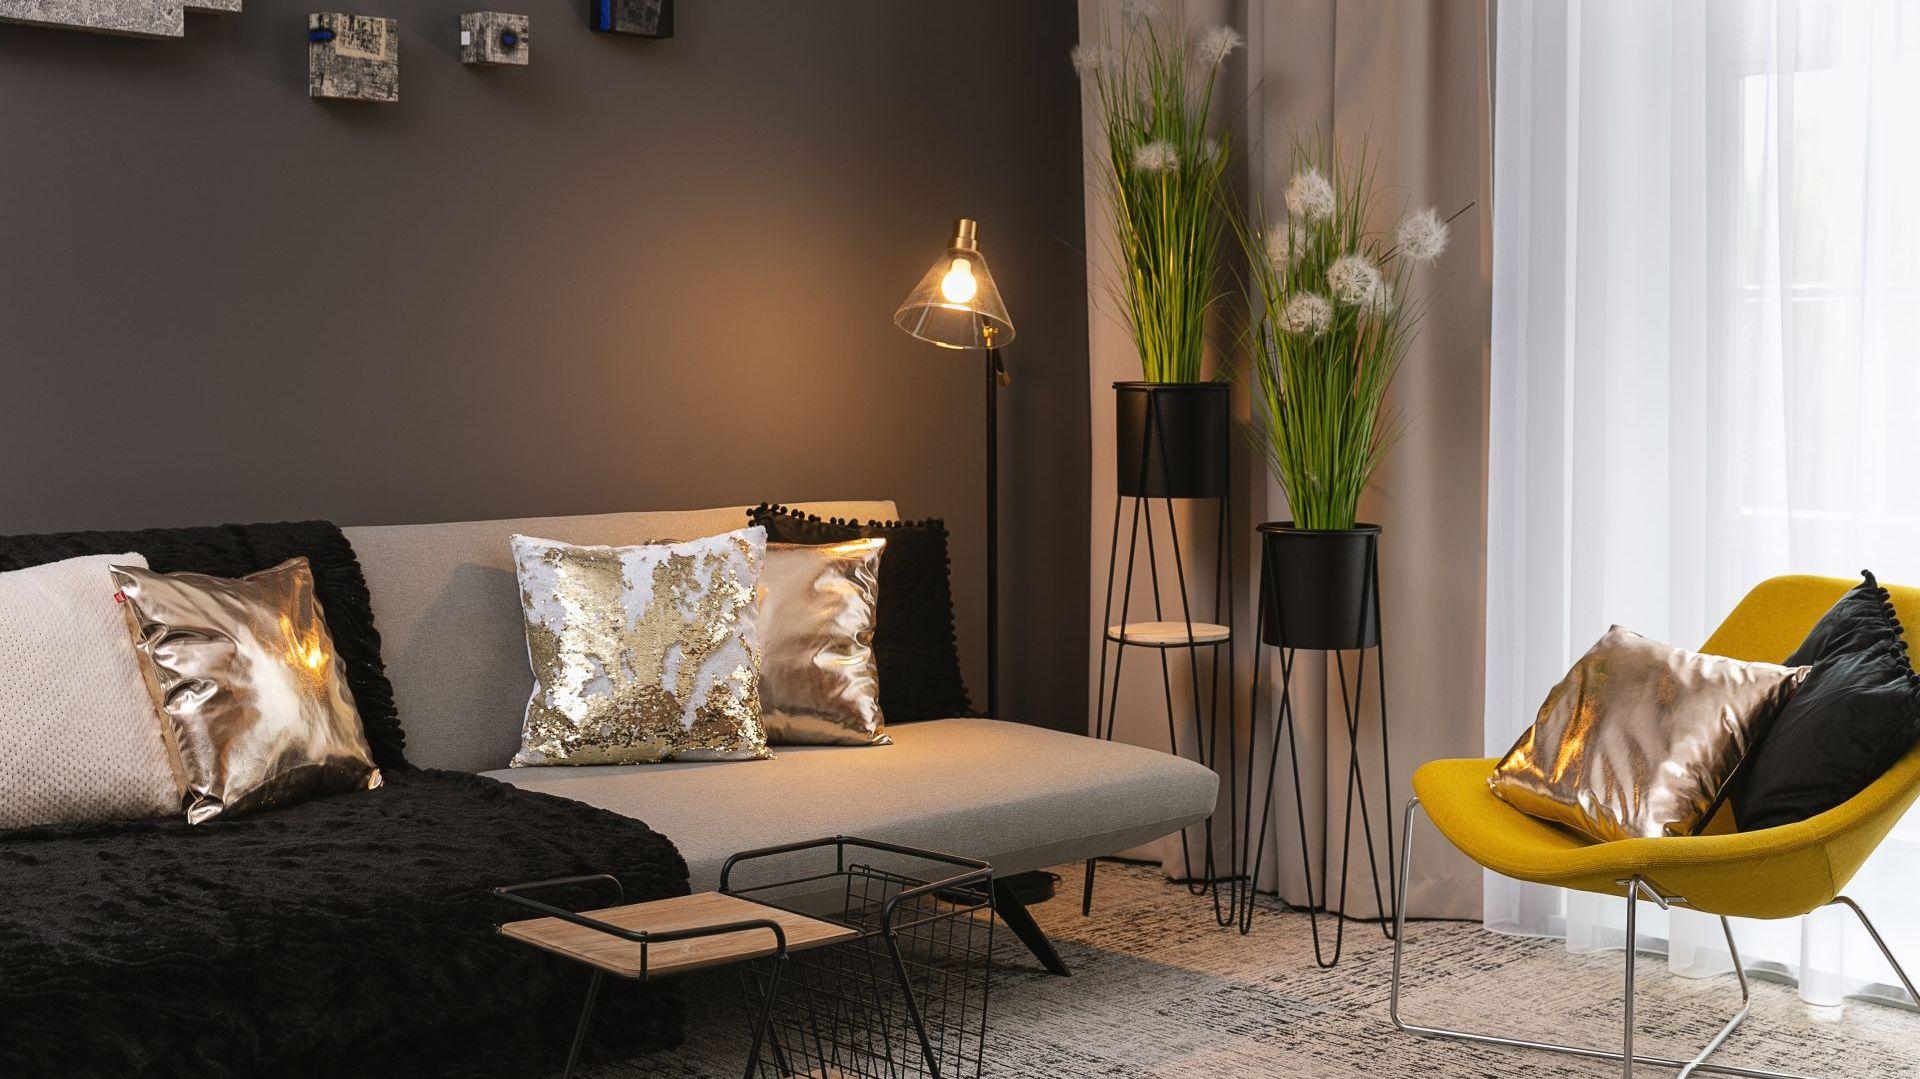 Gold - elegancja i luksus tej aranżacji tkwią w prostocie, a zestawienia różnych odcieni złota komponują się harmonijnie dzięki kontrastowej czerni i przestronności apartamentu. Stylizacja: Home&You. Fot. Przemysław Długokiński